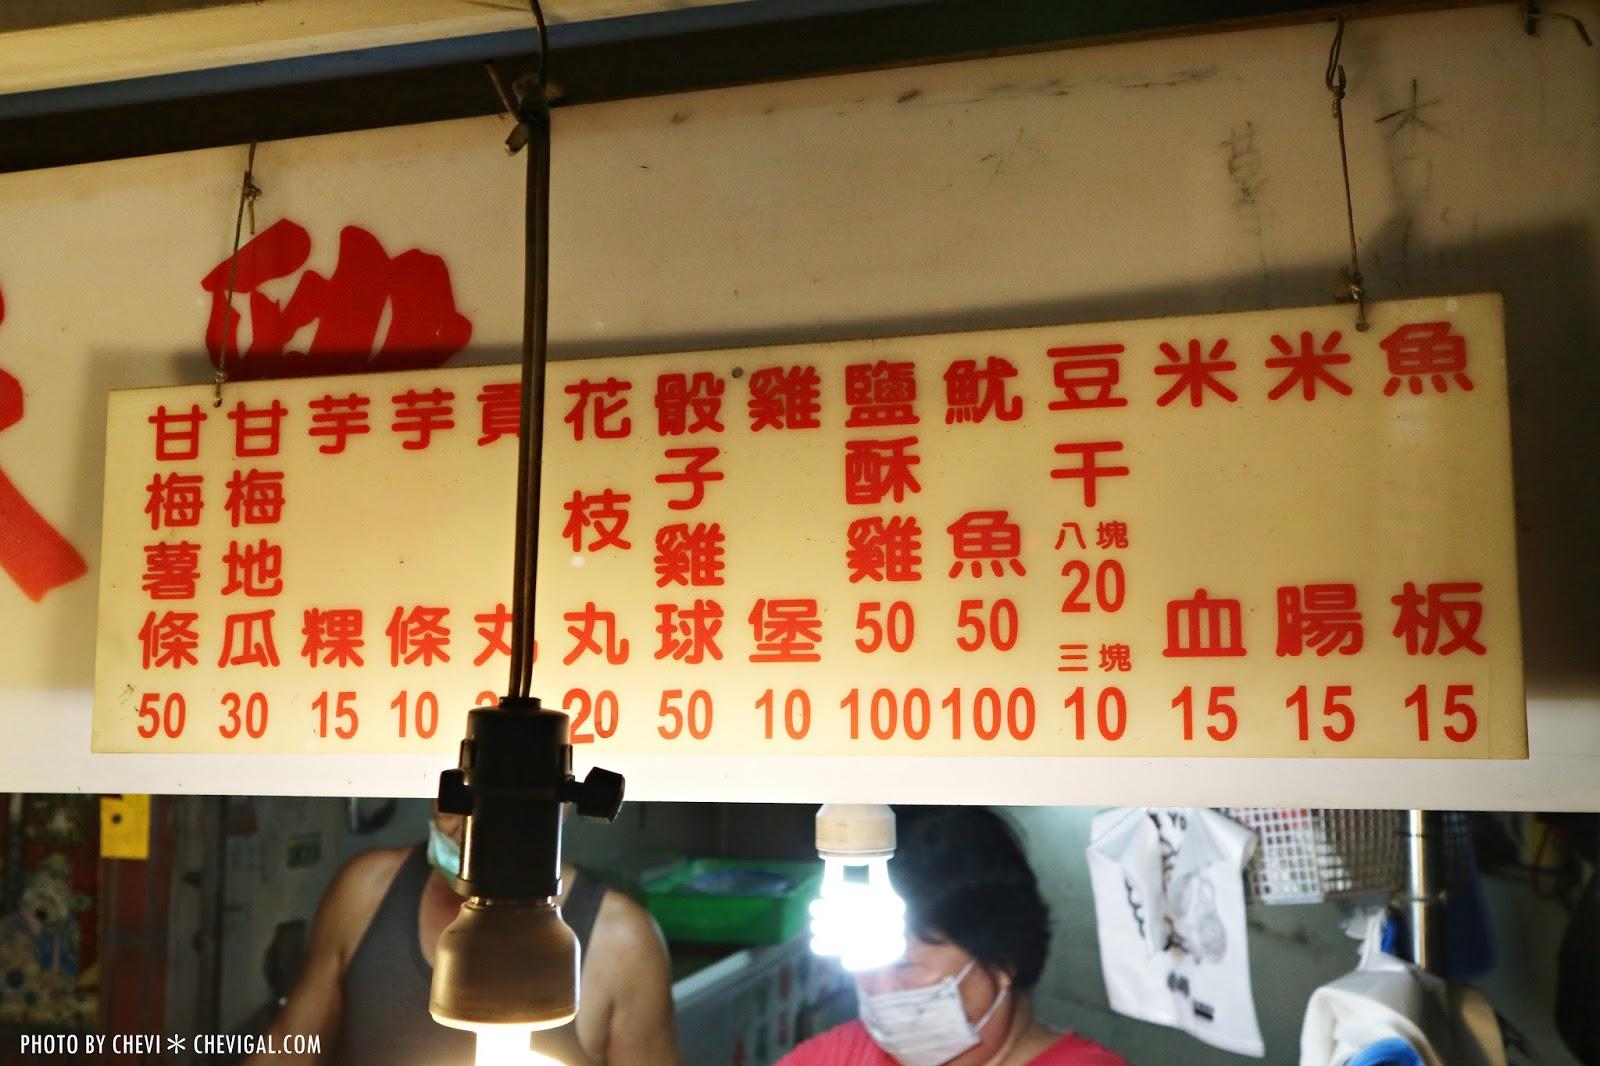 IMG 0503 - 台中烏日│香香鹽酥雞。飄香二十年的好滋味。一週只開四天別撲空囉